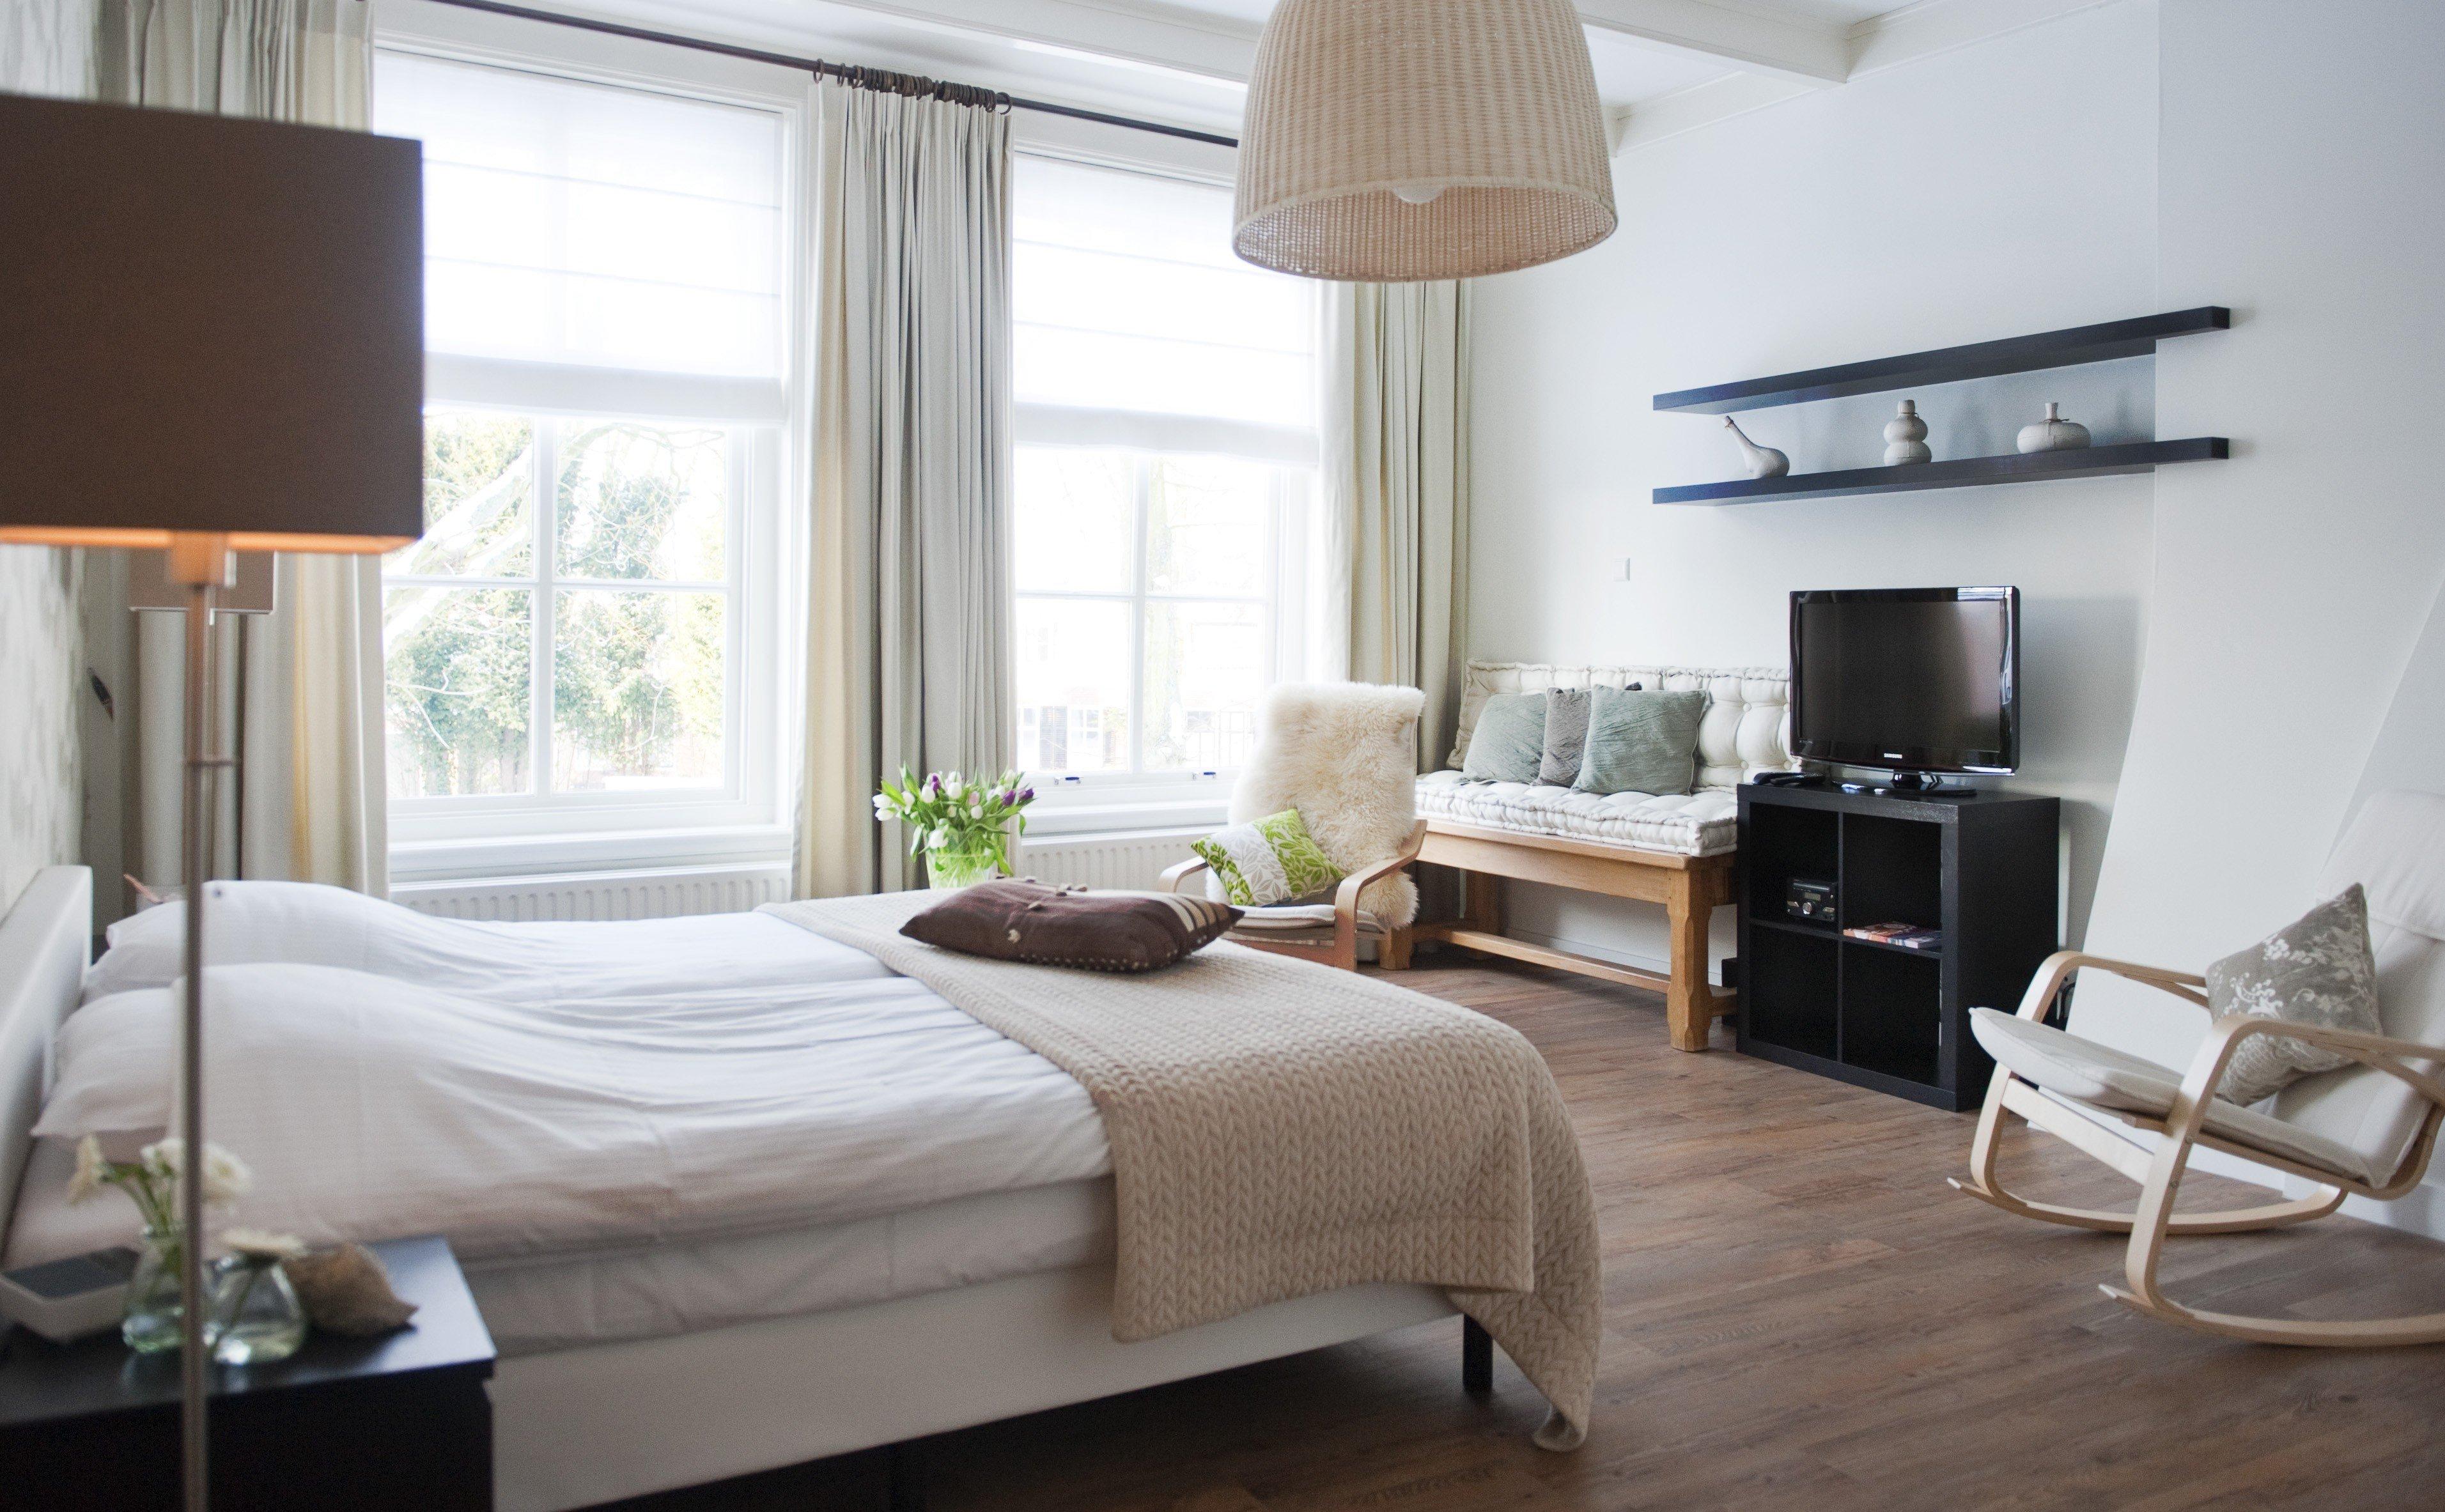 Bed en brood veere veere boek online bed and breakfast nederland - Kamer van brood ...